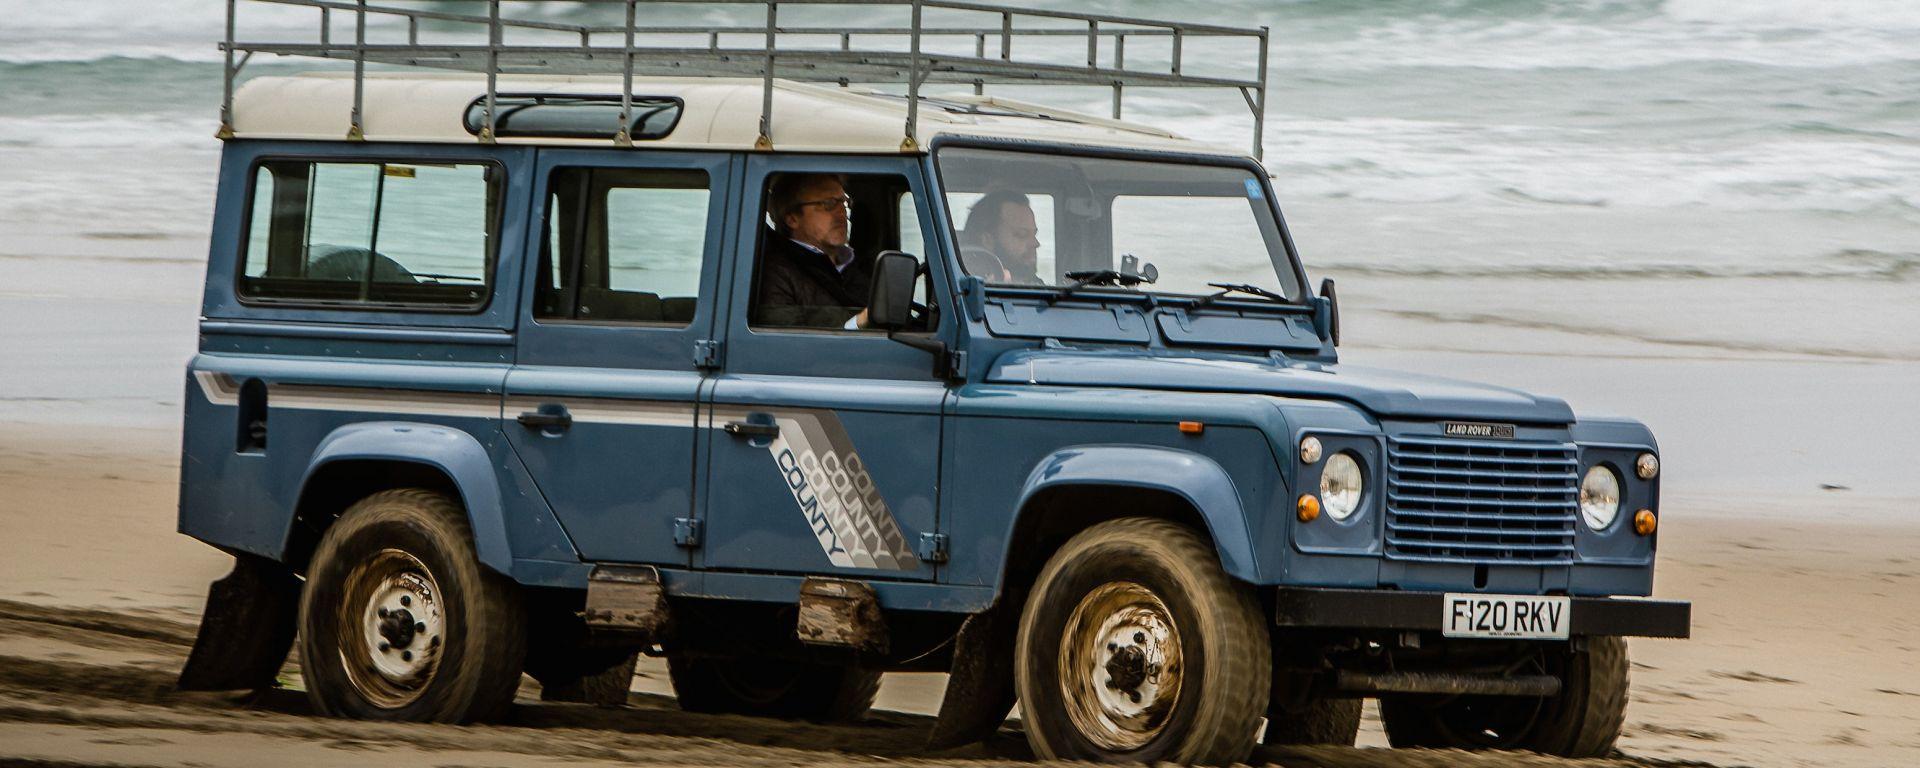 Land Rover: sull'isola dove tutto cominciò